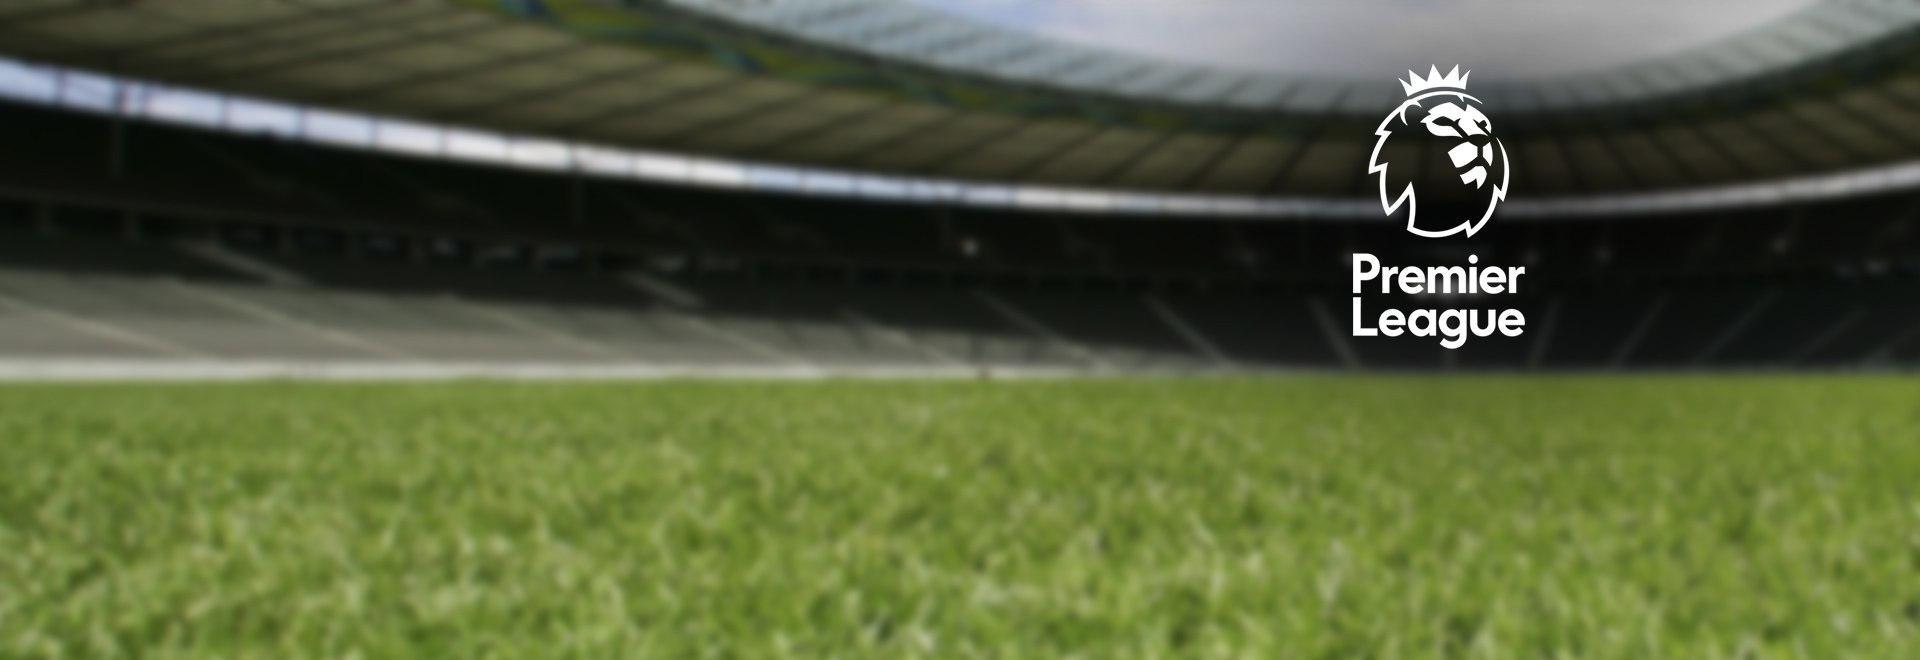 Manchester United - Brighton & Hove Albion. 30a g.